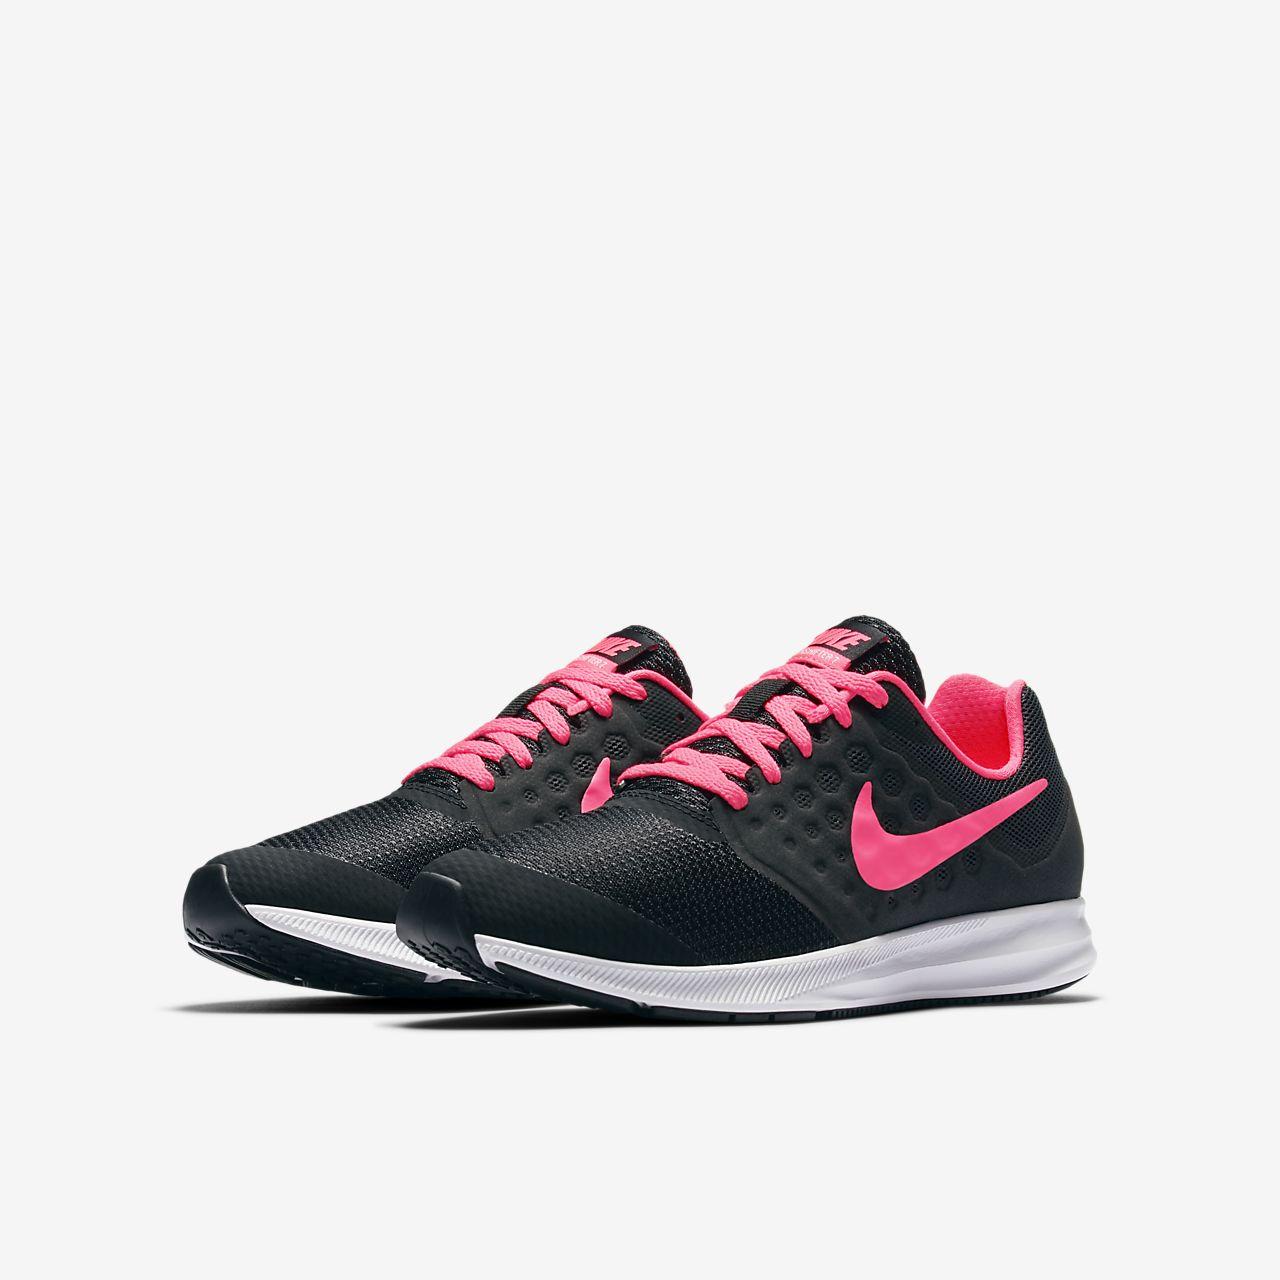 ... Chaussure de running Nike Downshifter 7 pour Enfant plus âgé